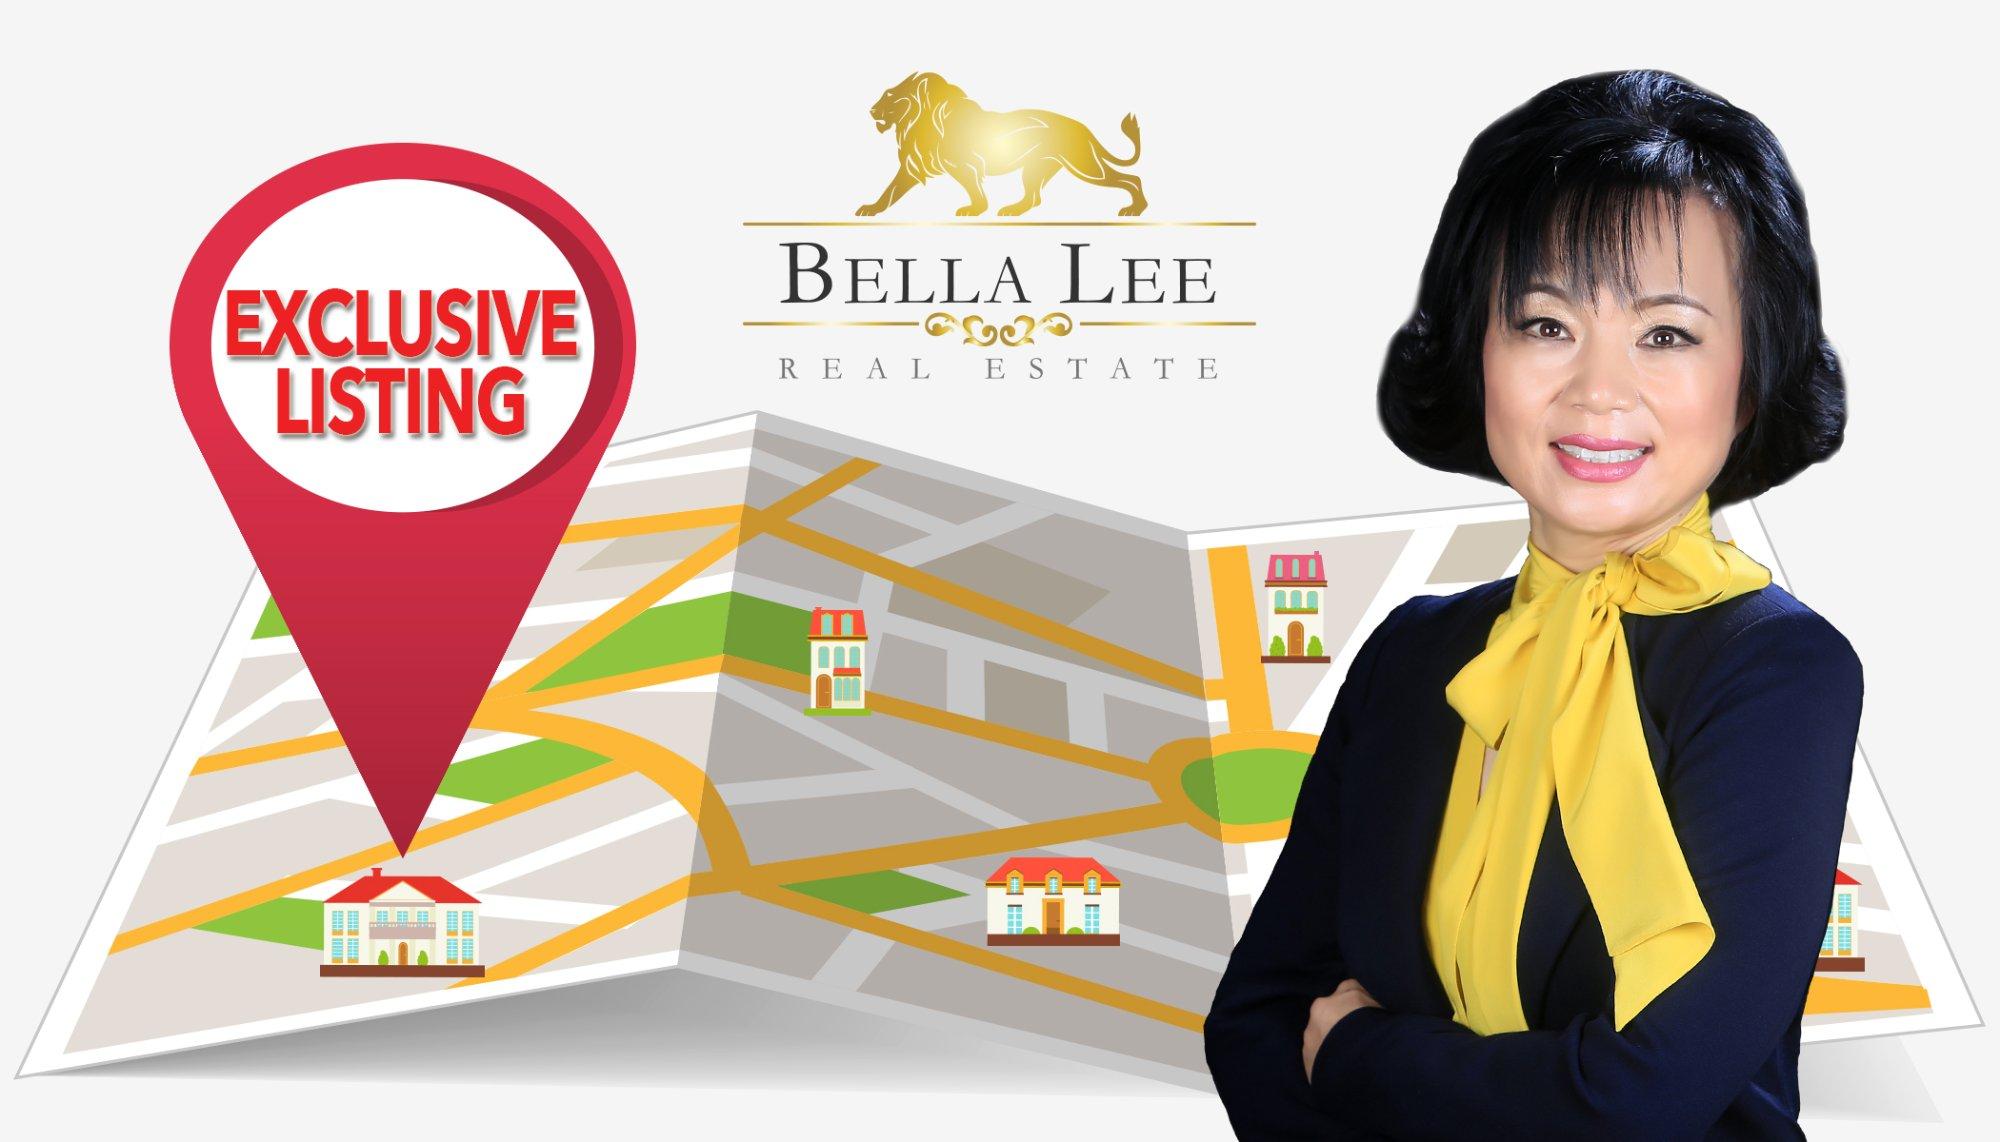 多伦多 卖房 Bella Lee  信心 加拿大地产经纪